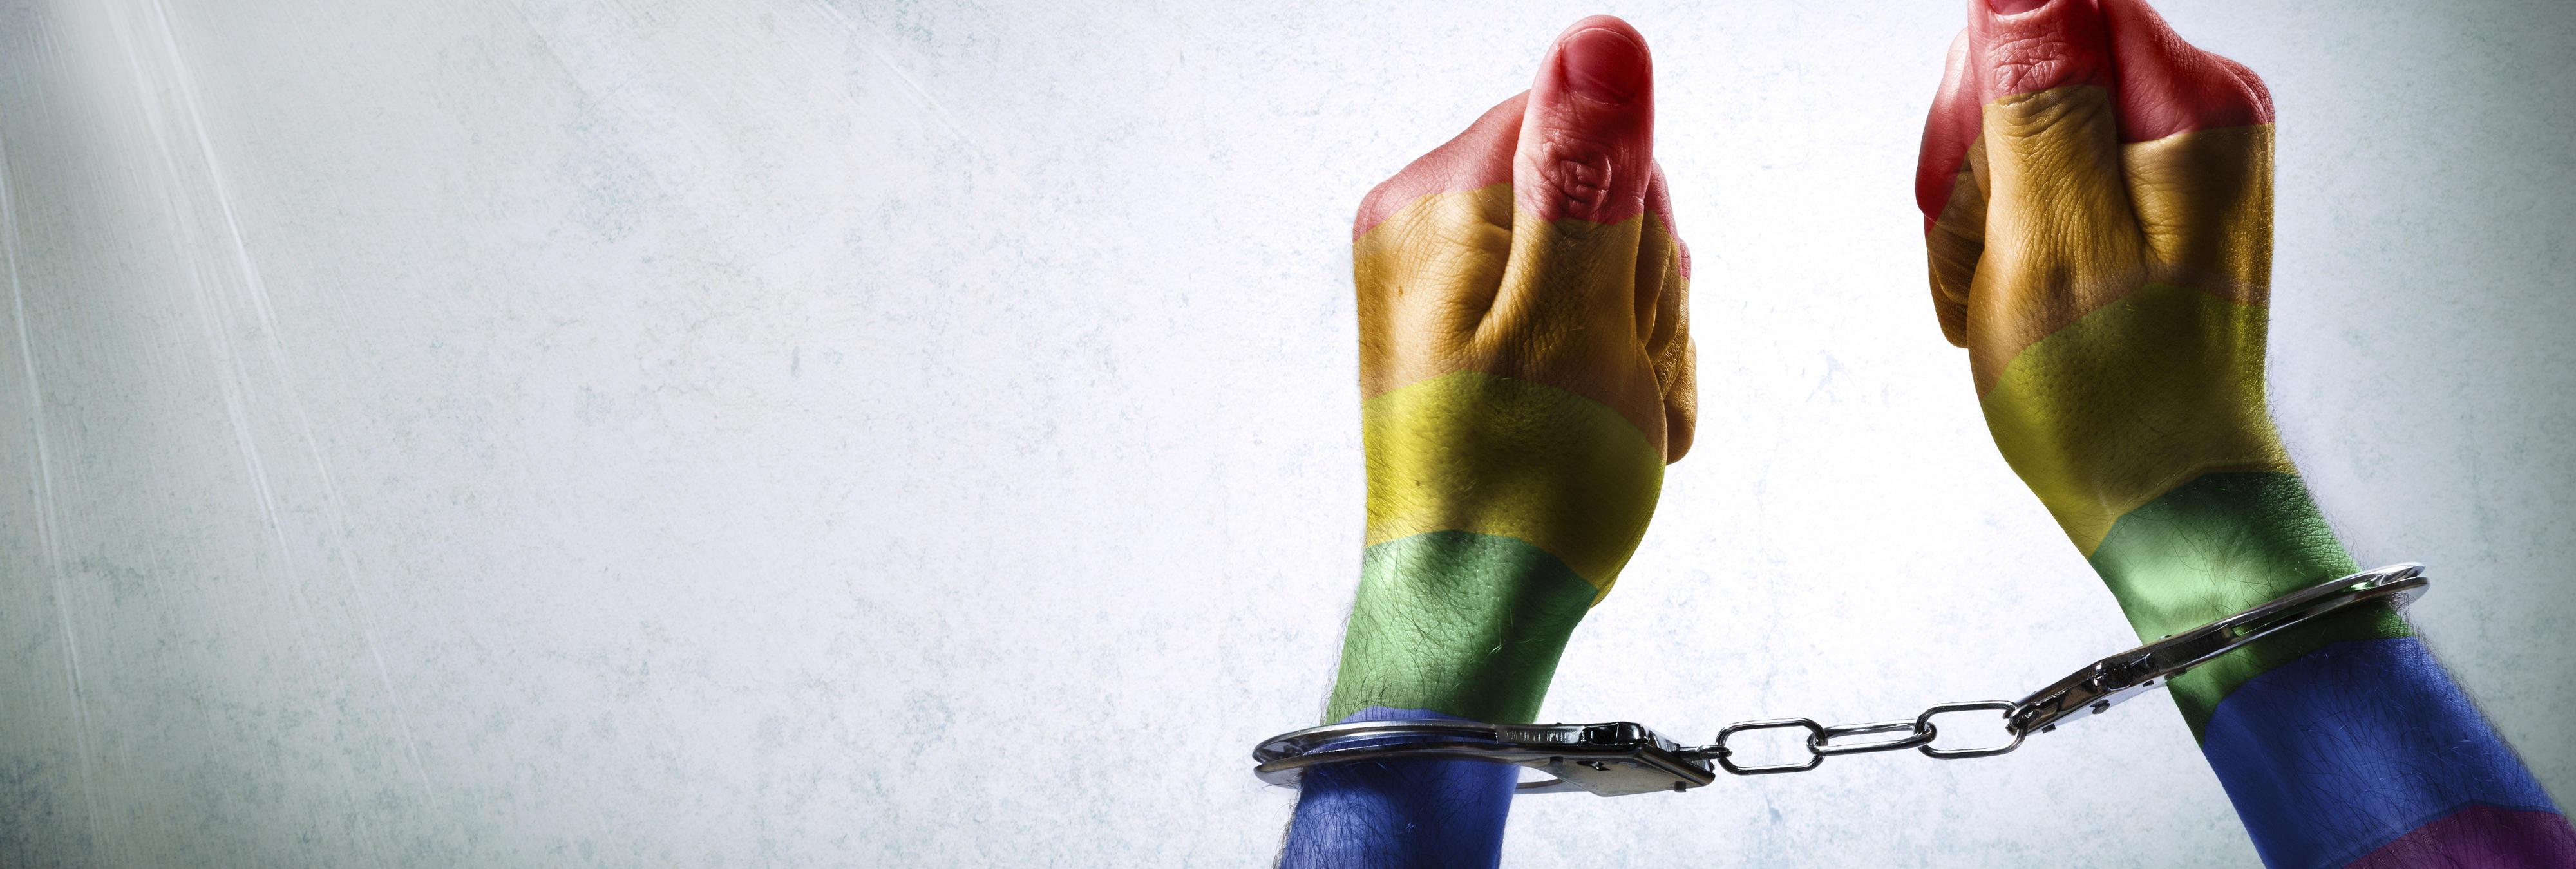 Le rompen la nariz a un joven gay por llamar 'guapo' a un heterosexual en Madrid